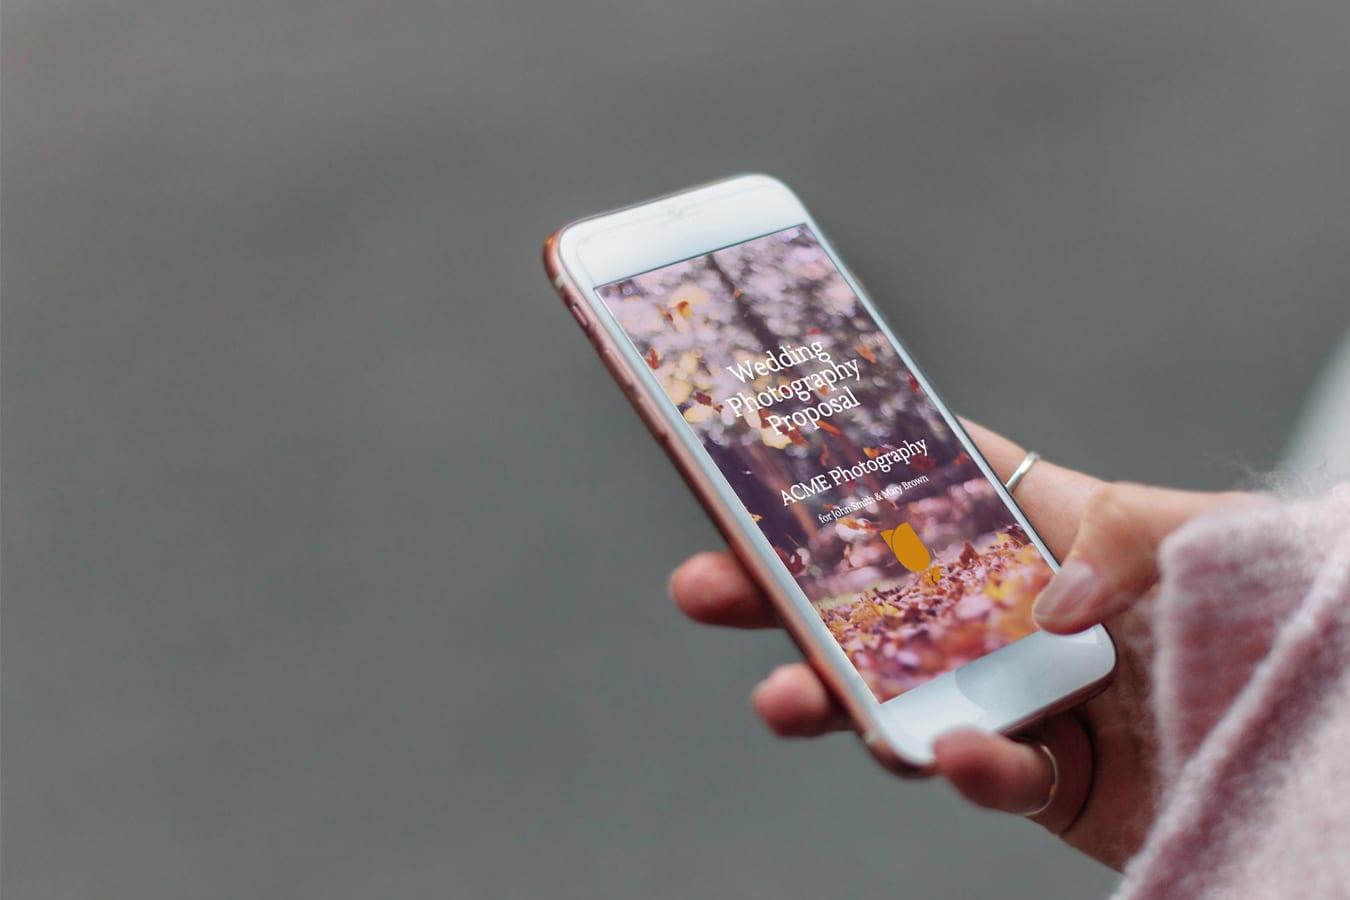 wedding-photography-proposal-mobile